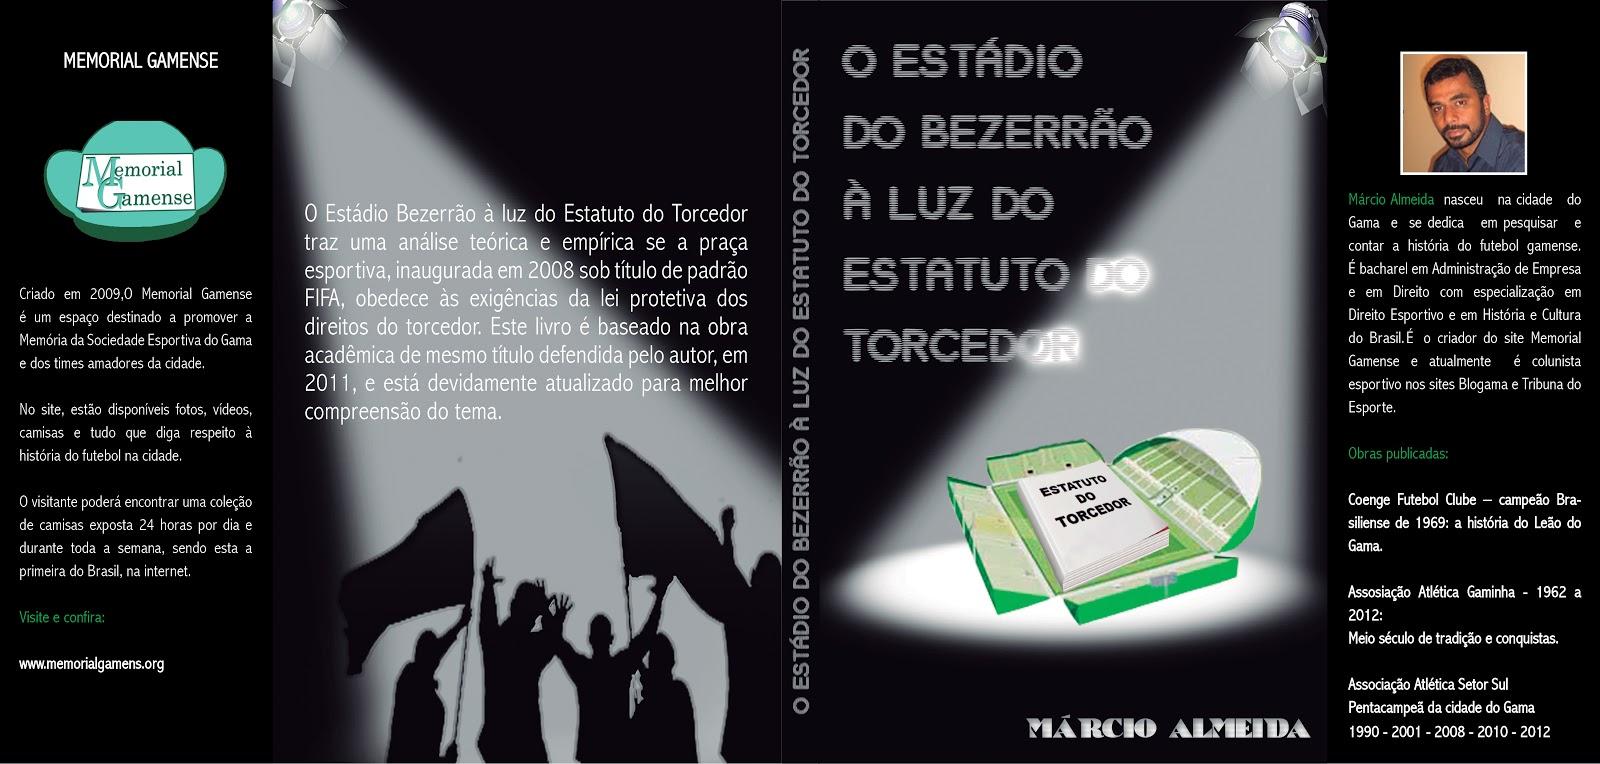 Capa O Estádio do Bezerrão À Luz do Estatuto do Torcedor - GF ... ecc9ceaa3c8